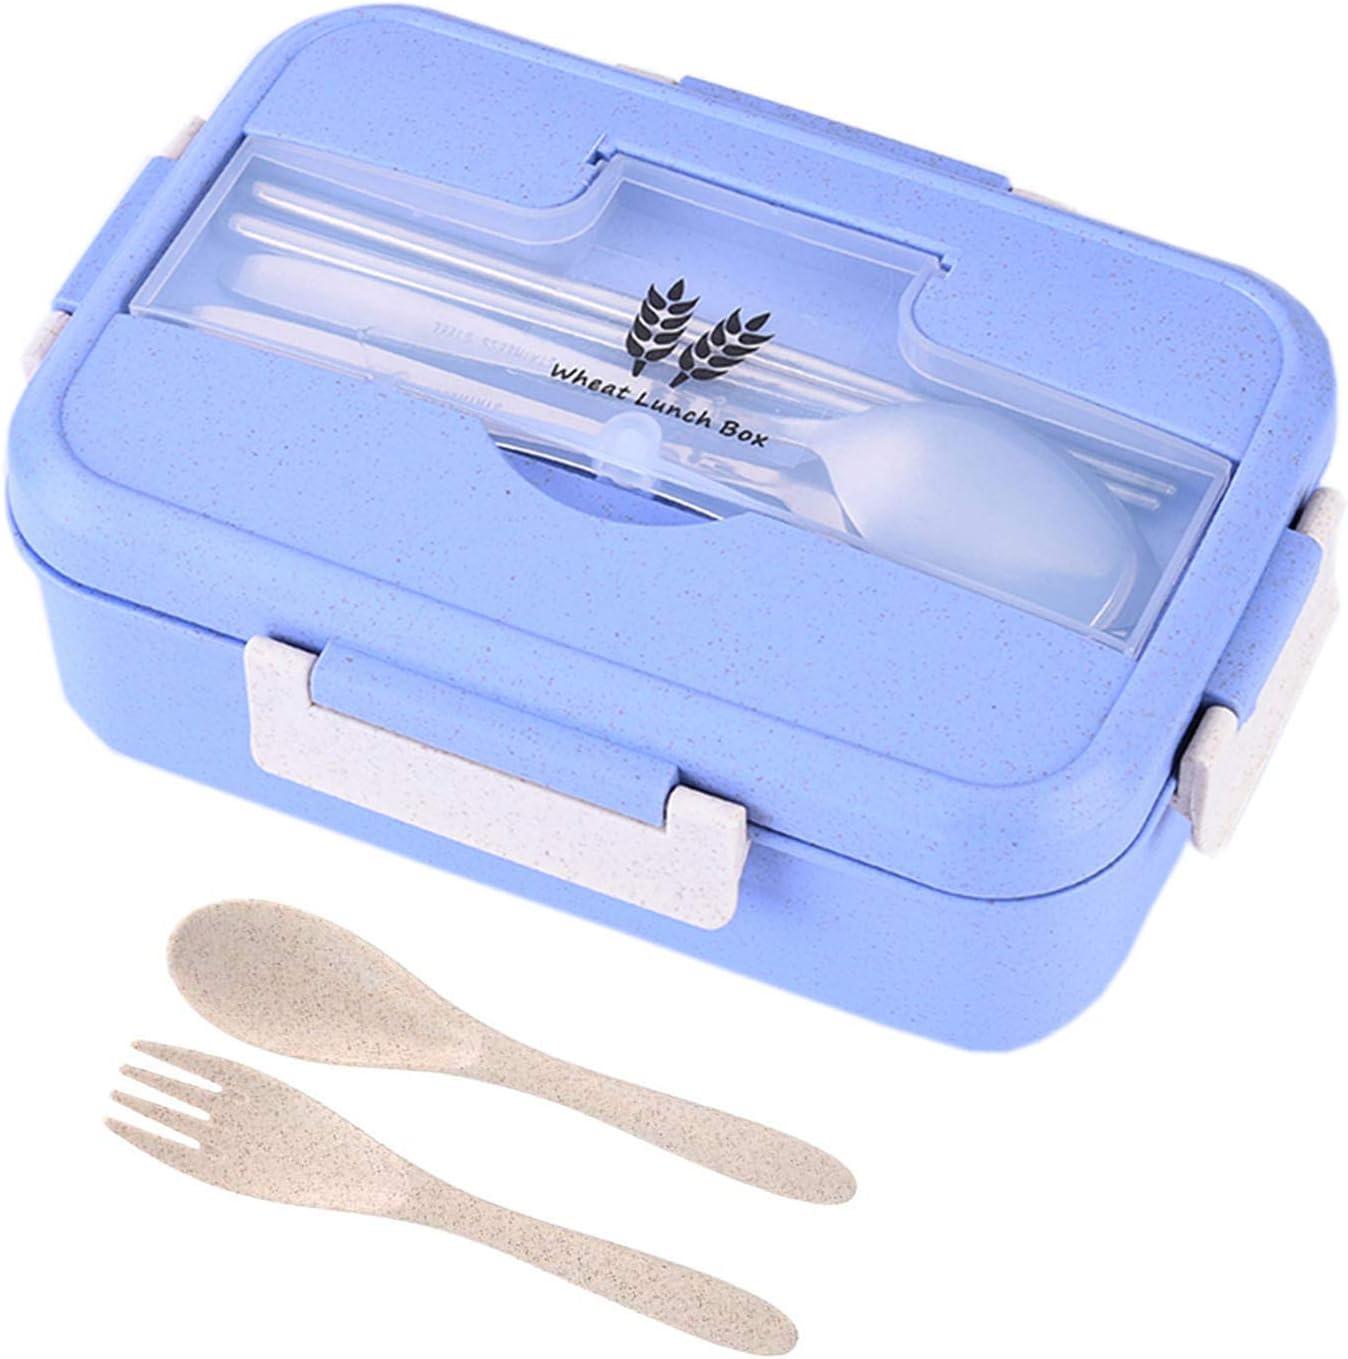 Fiambrera Infantil Caja de Bento,Infantil Paja de Trigo loncheras,Bento Box con 3 Compartimentos y Cubiertos, para el Trabajo, Escuela, Viajes (Azul)